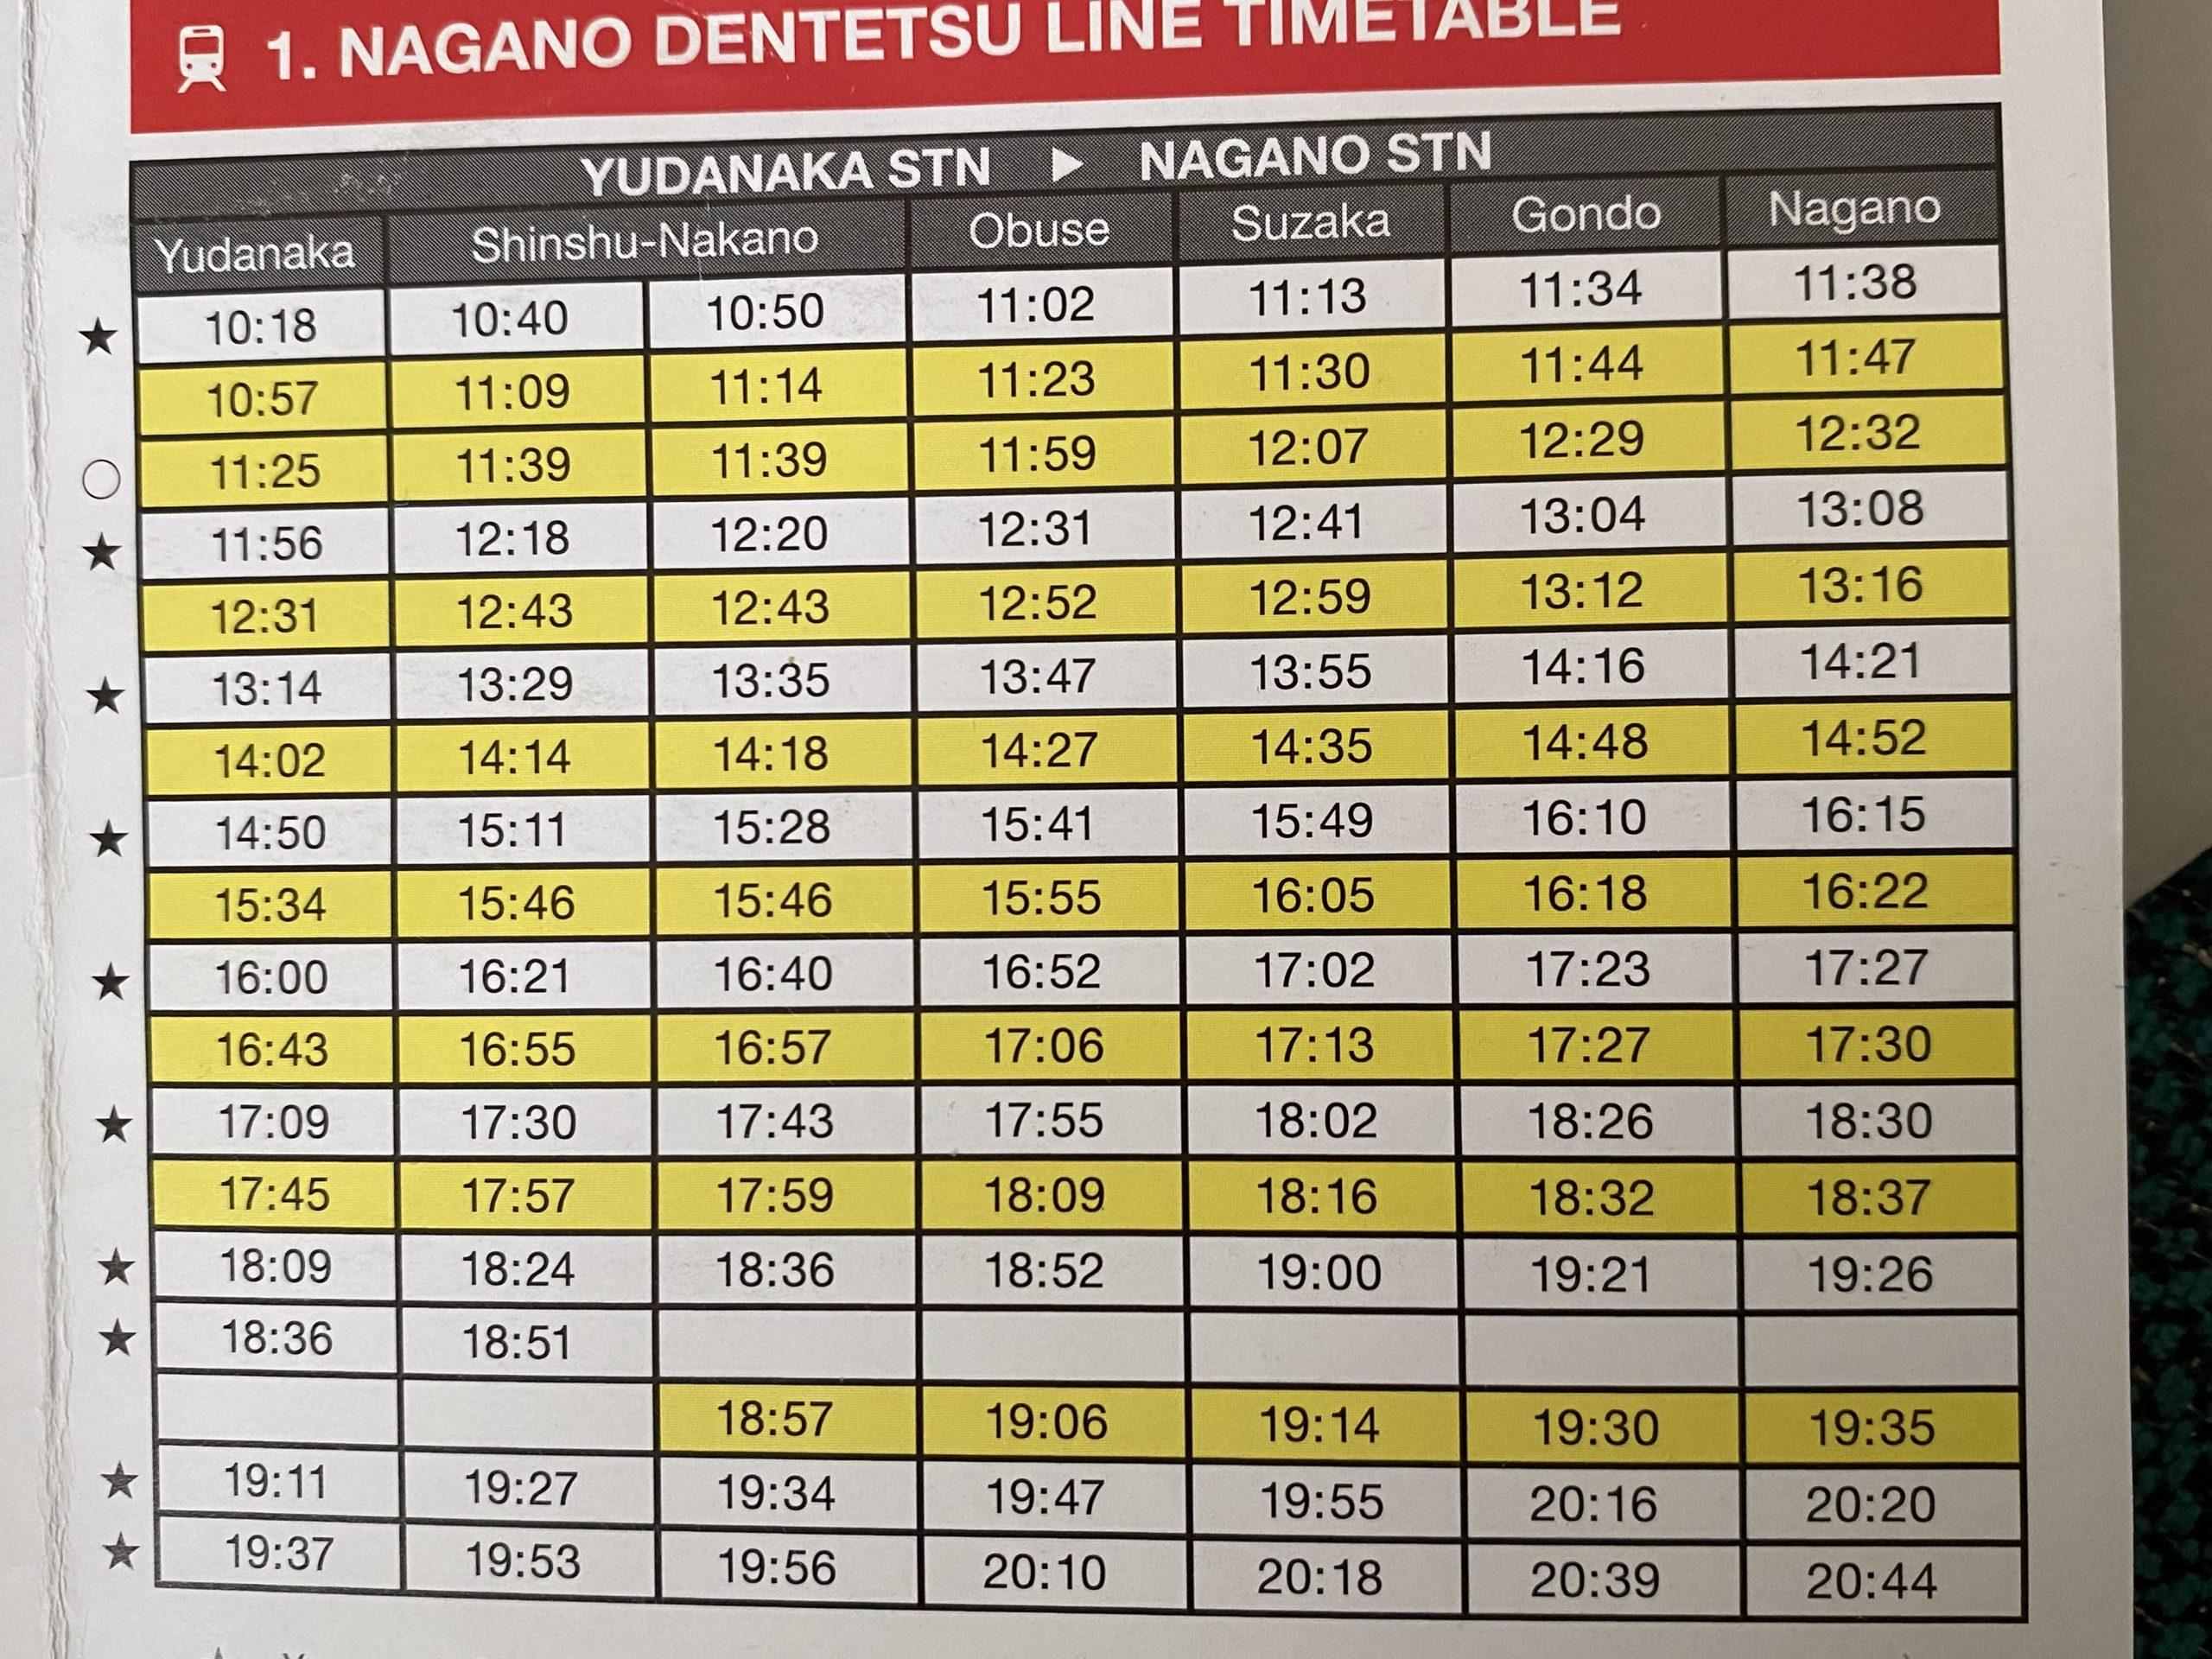 Horarios del tren de Yudanaka a Nagano